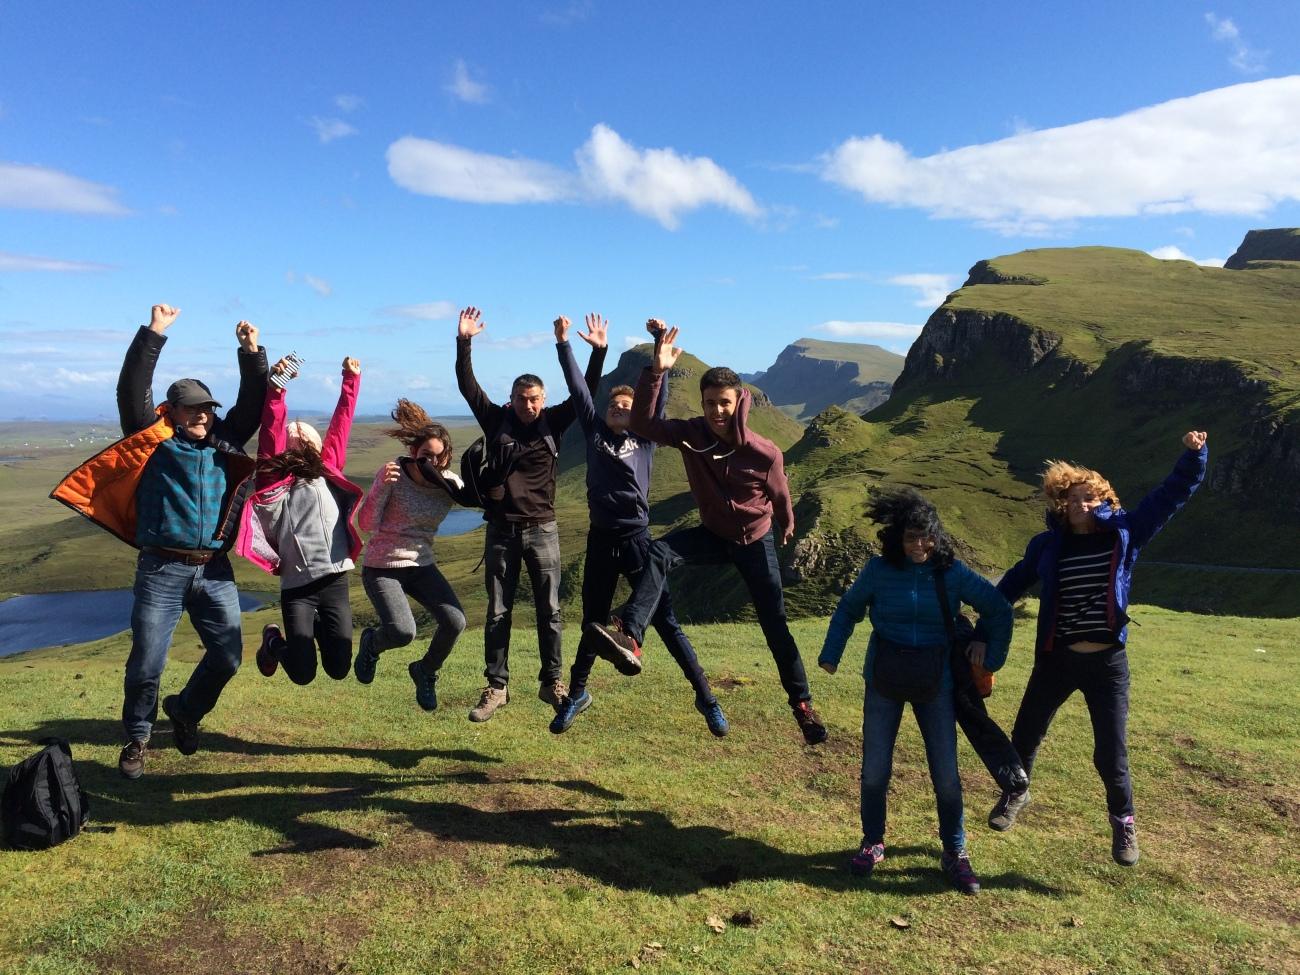 Grupo de turistas en la isla de Skye guiado por Escocia Tours